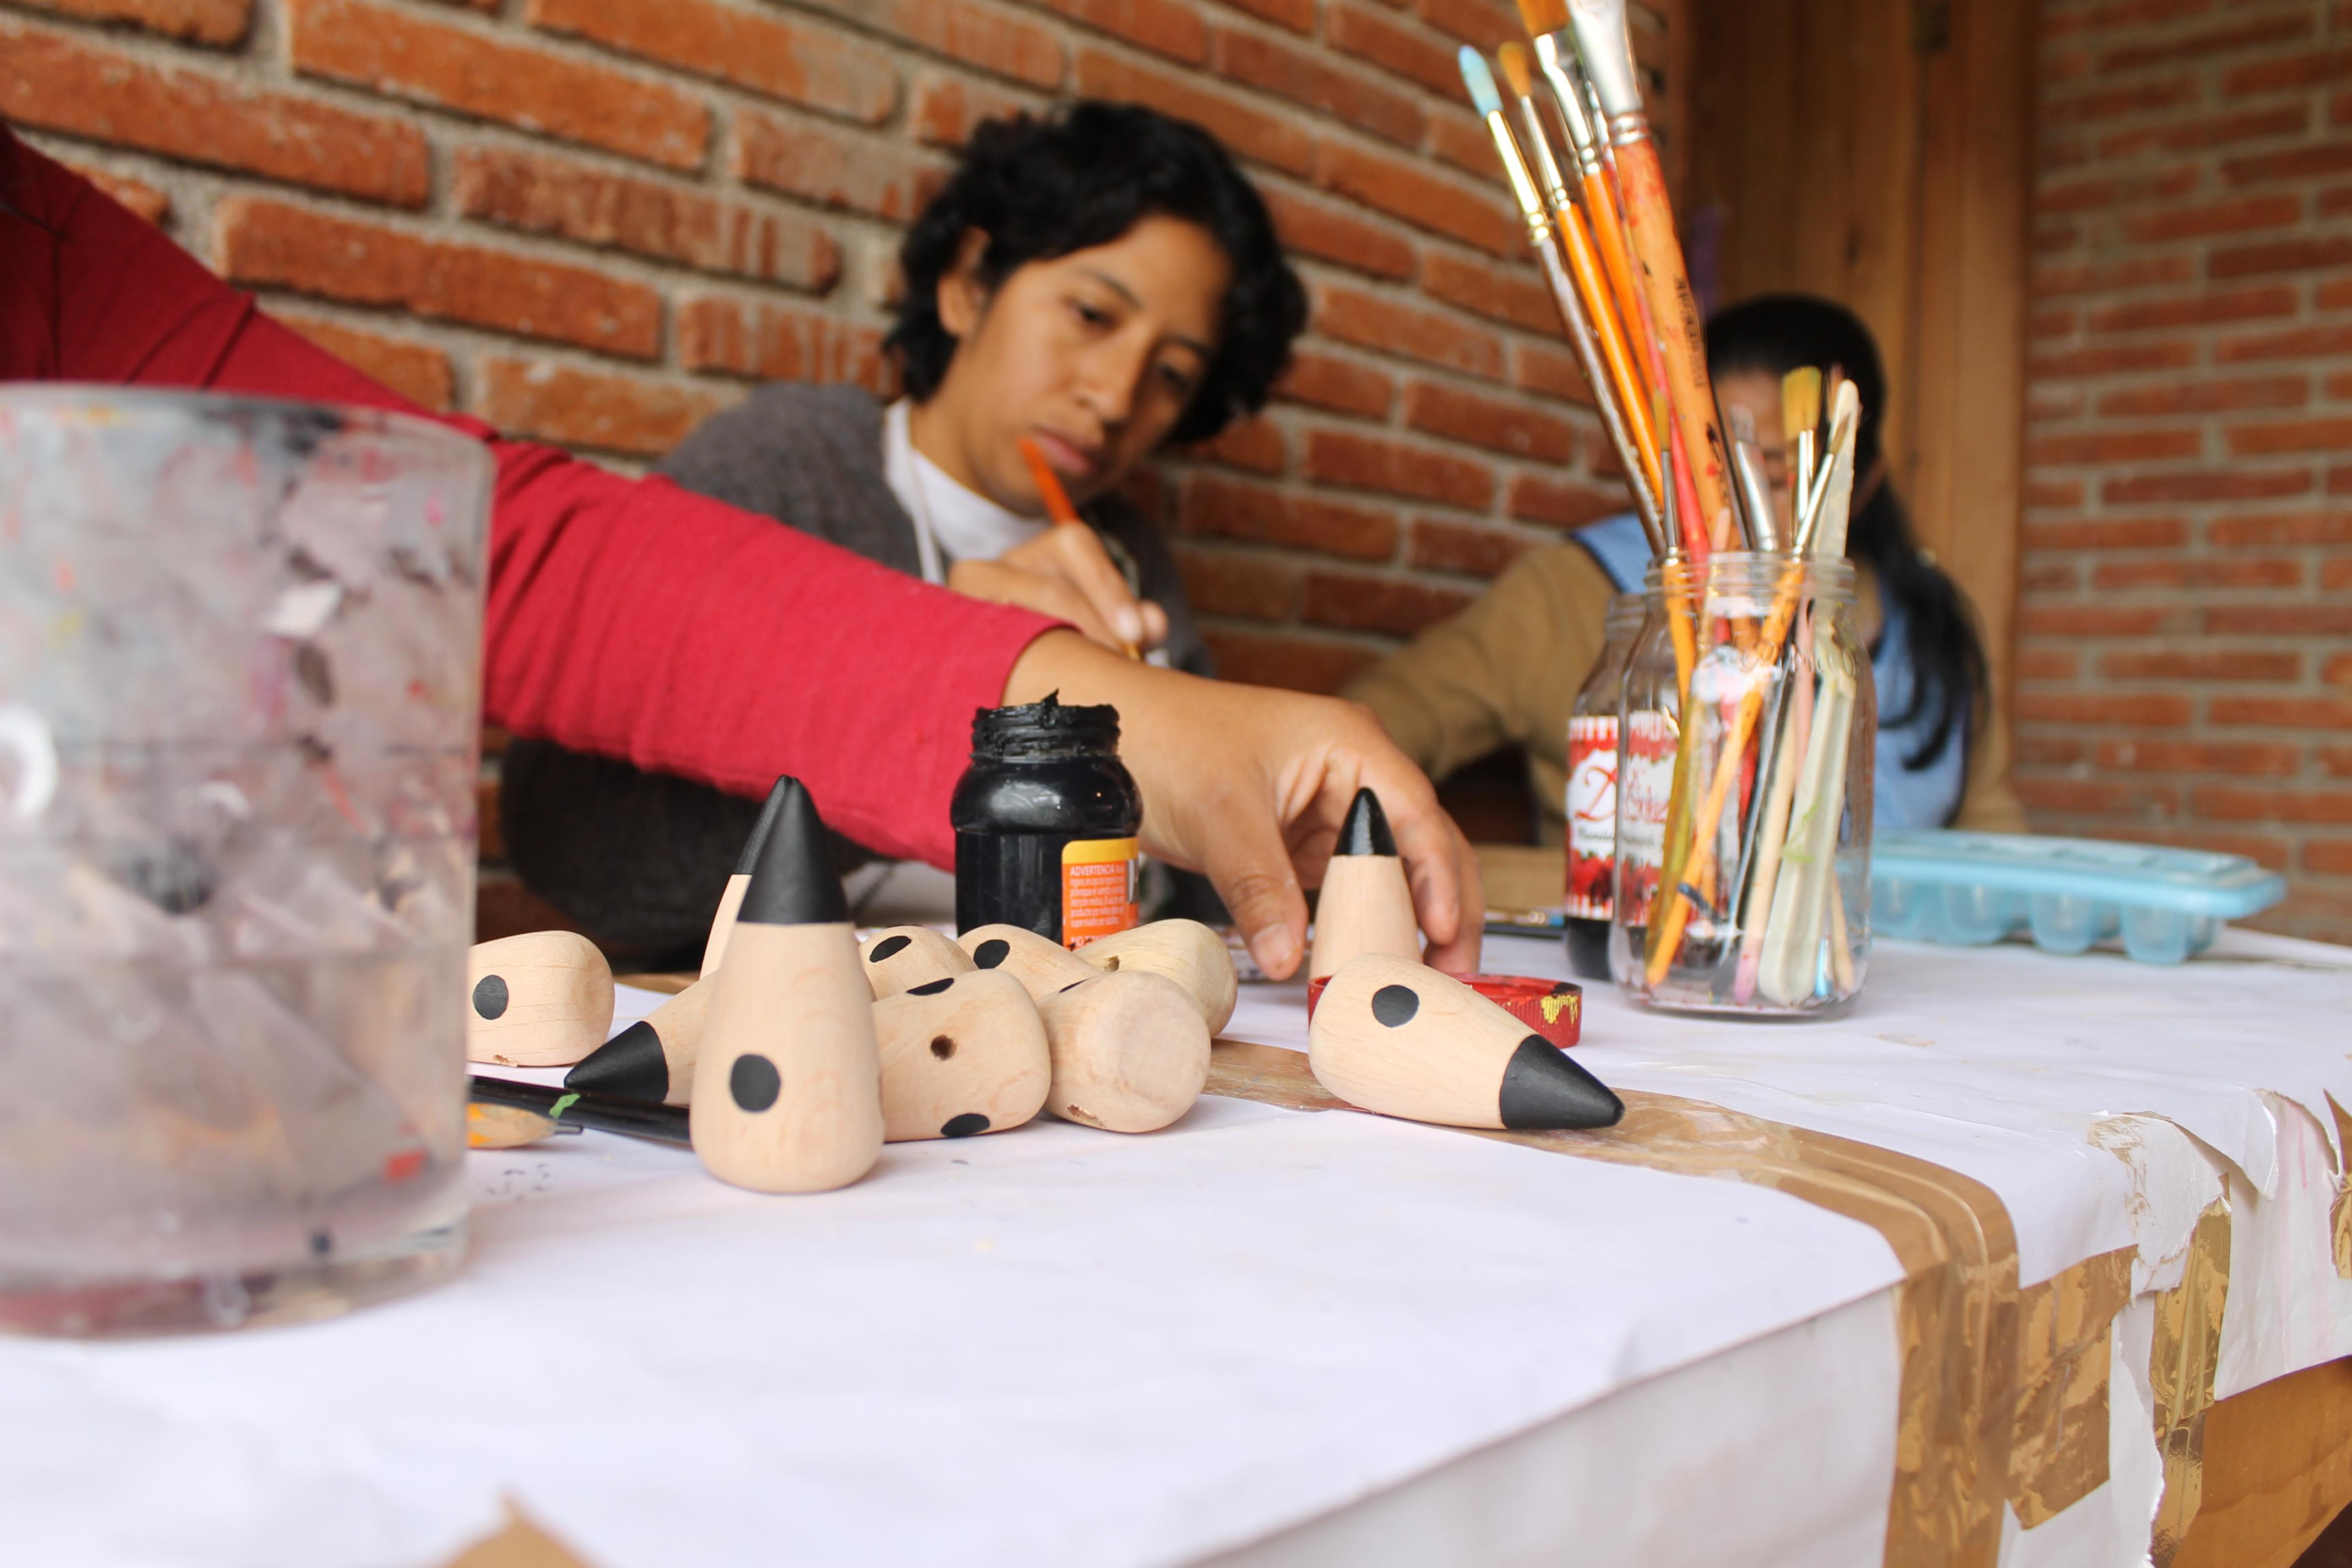 juguetes artesanales personas